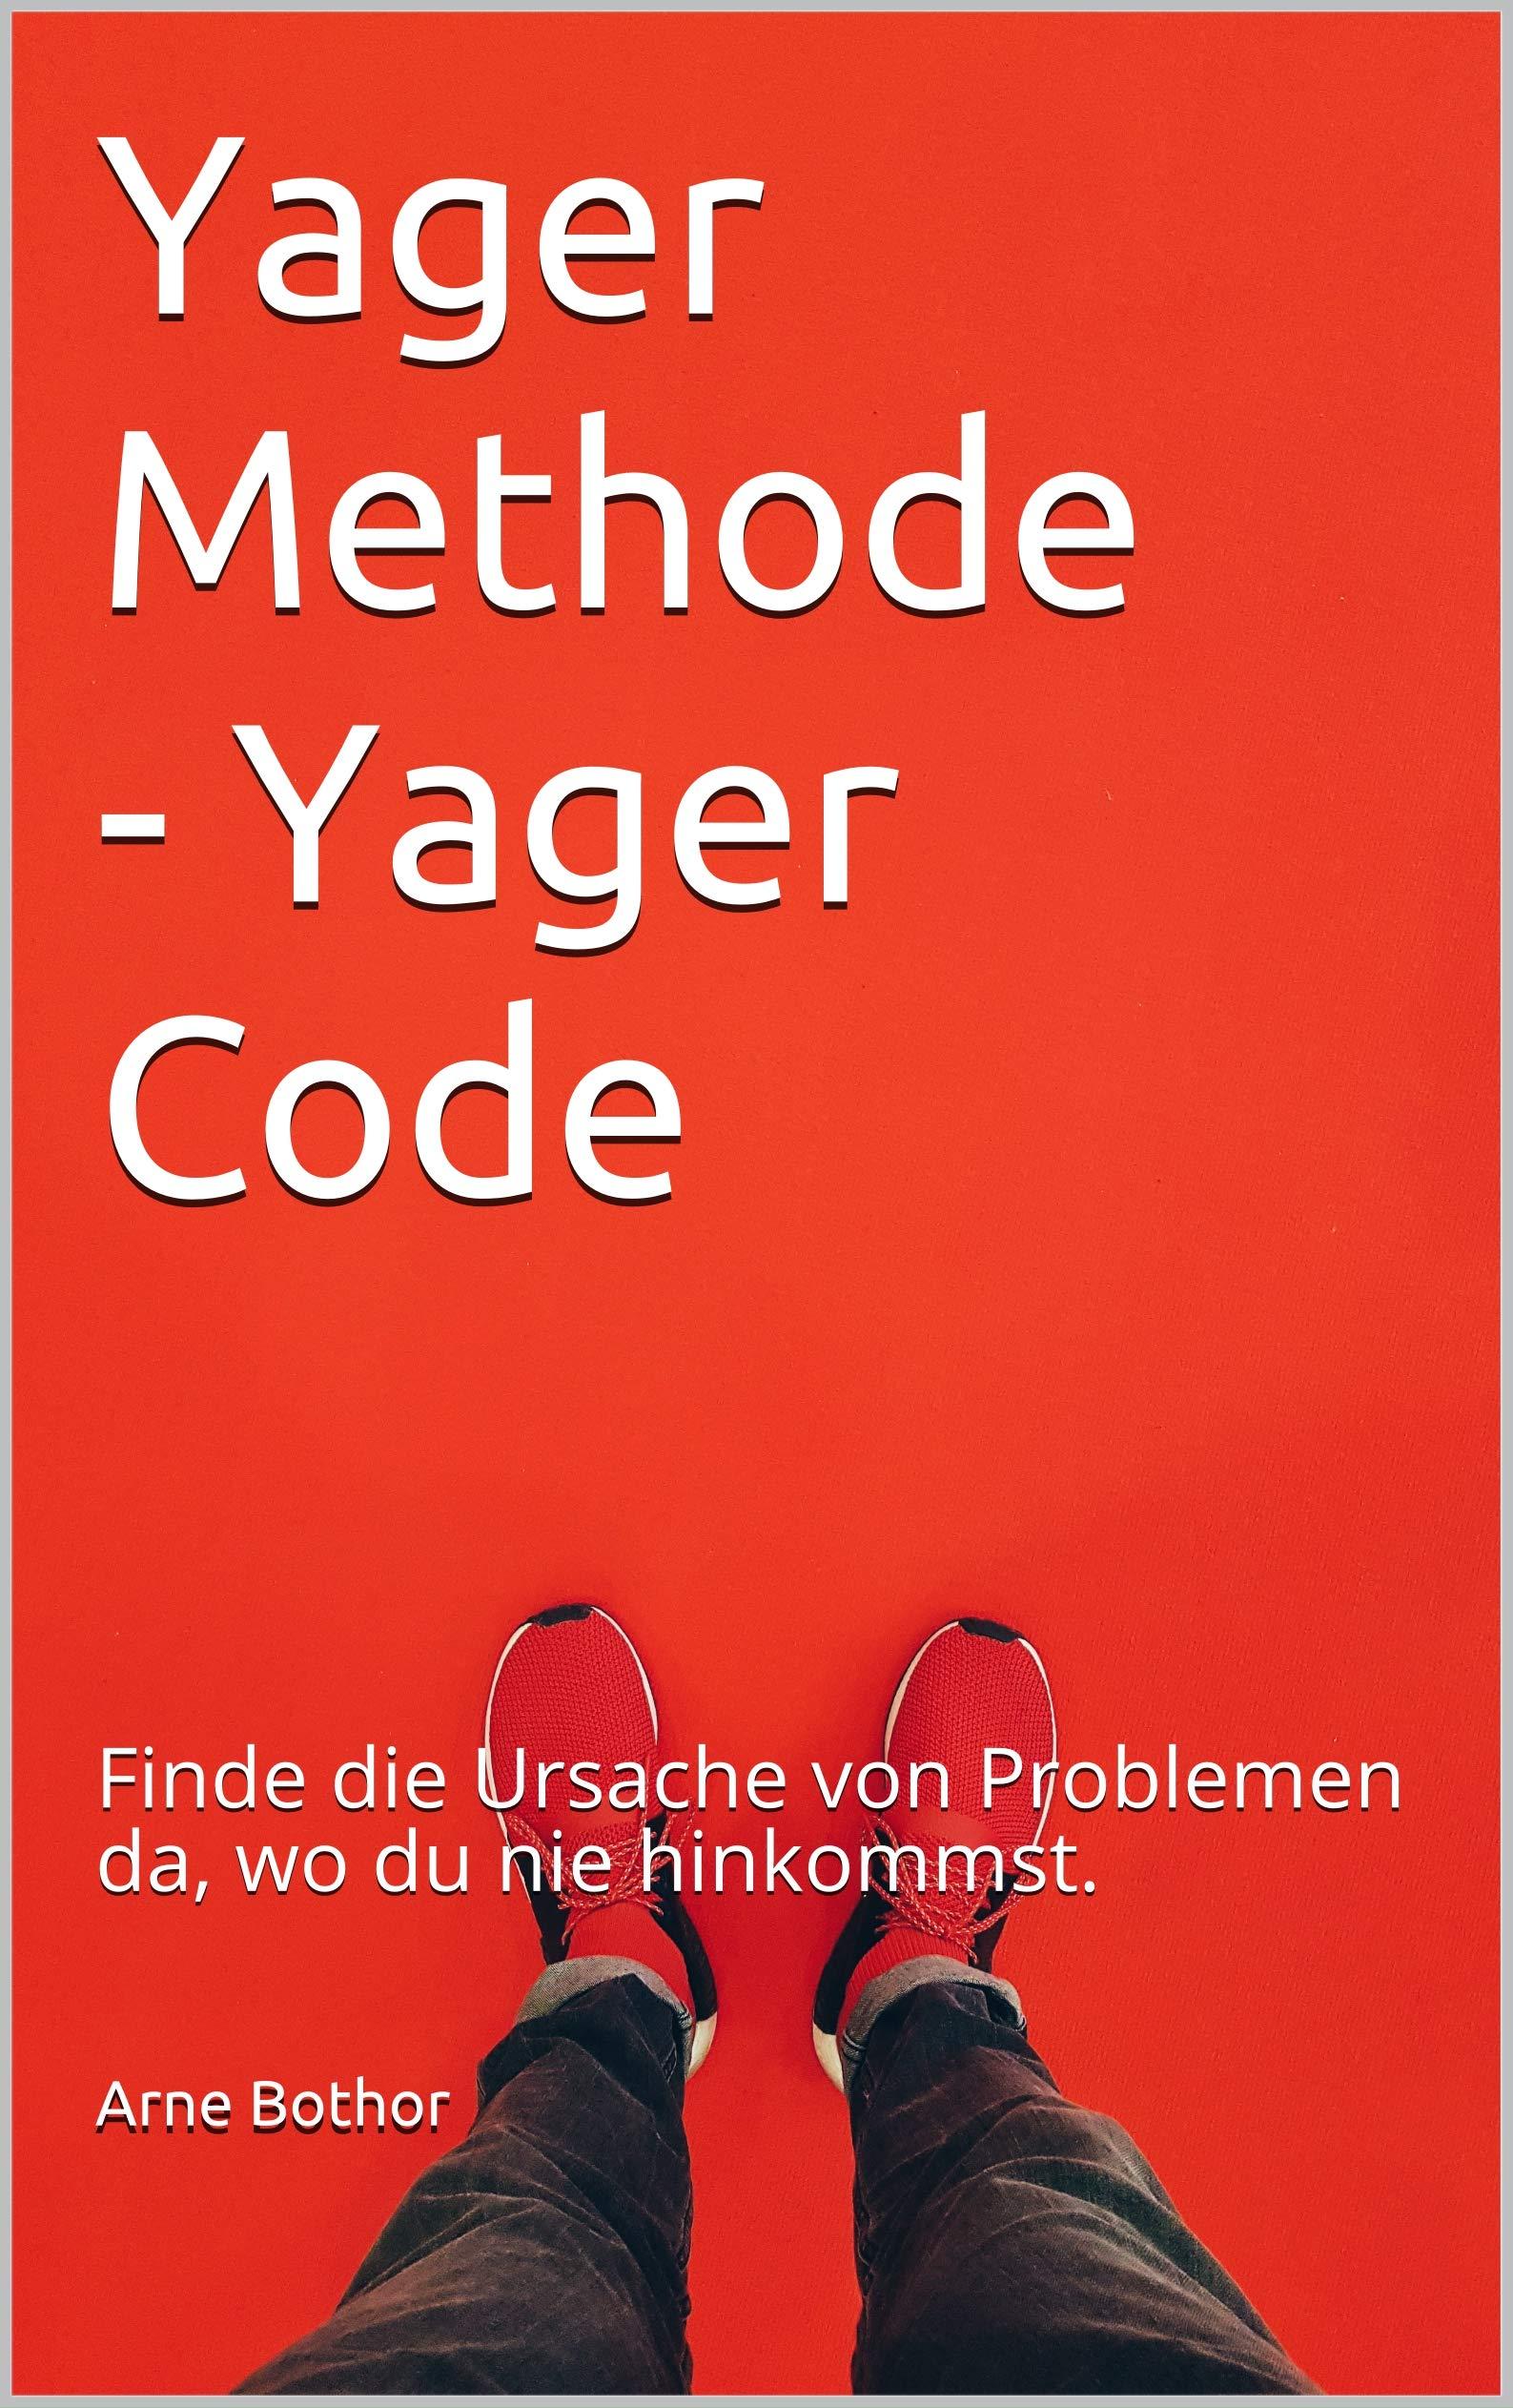 Yager Methode   Yager Code  Finde Die Ursache Von Problemen Da Wo Du Nie Hinkommst.